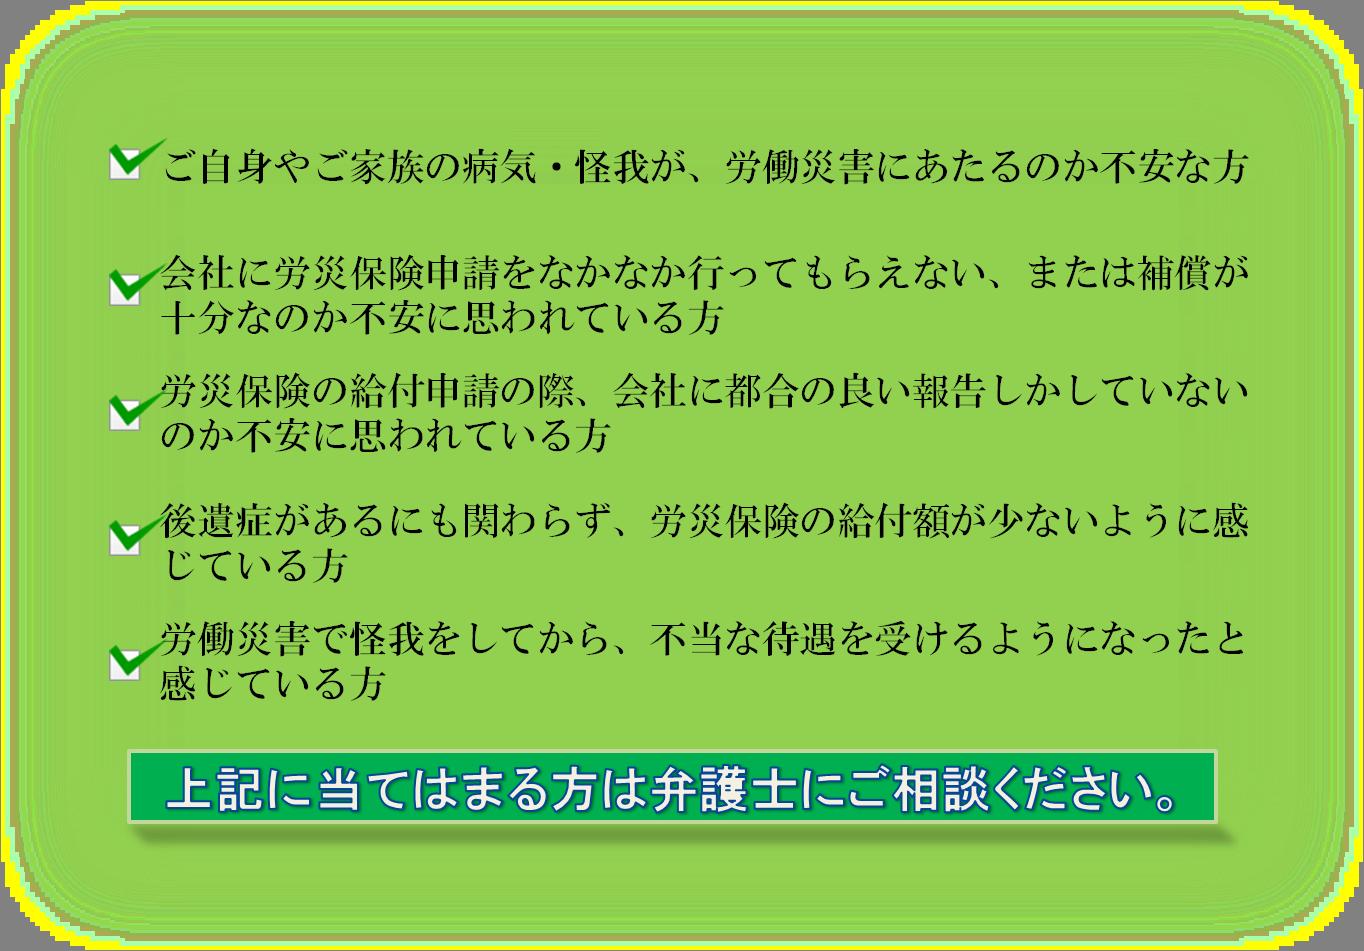 労災ページ用1.png